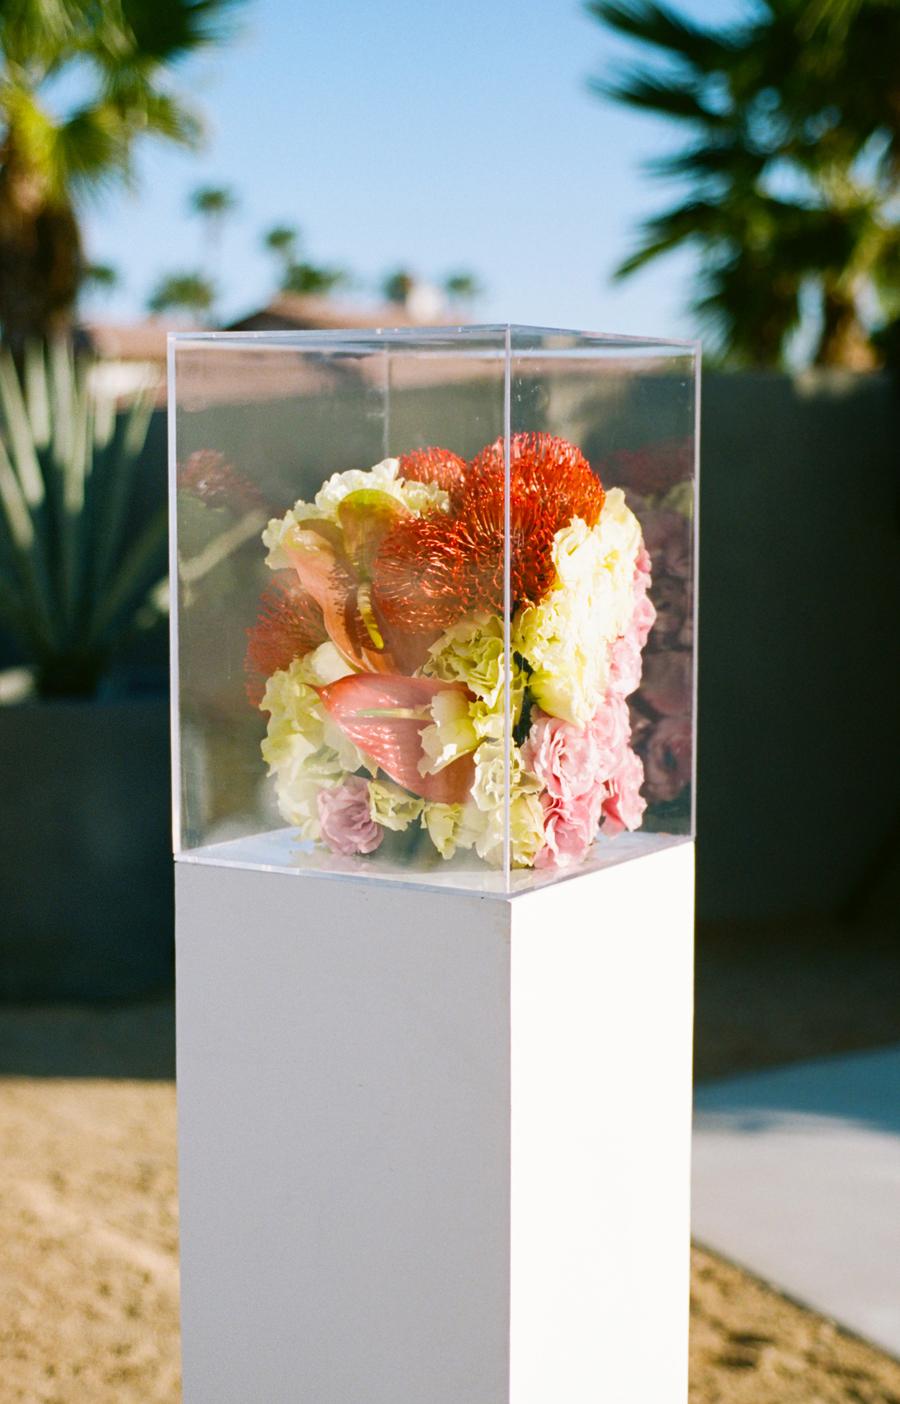 desert-wedding-4-of-the-flowers.jpg